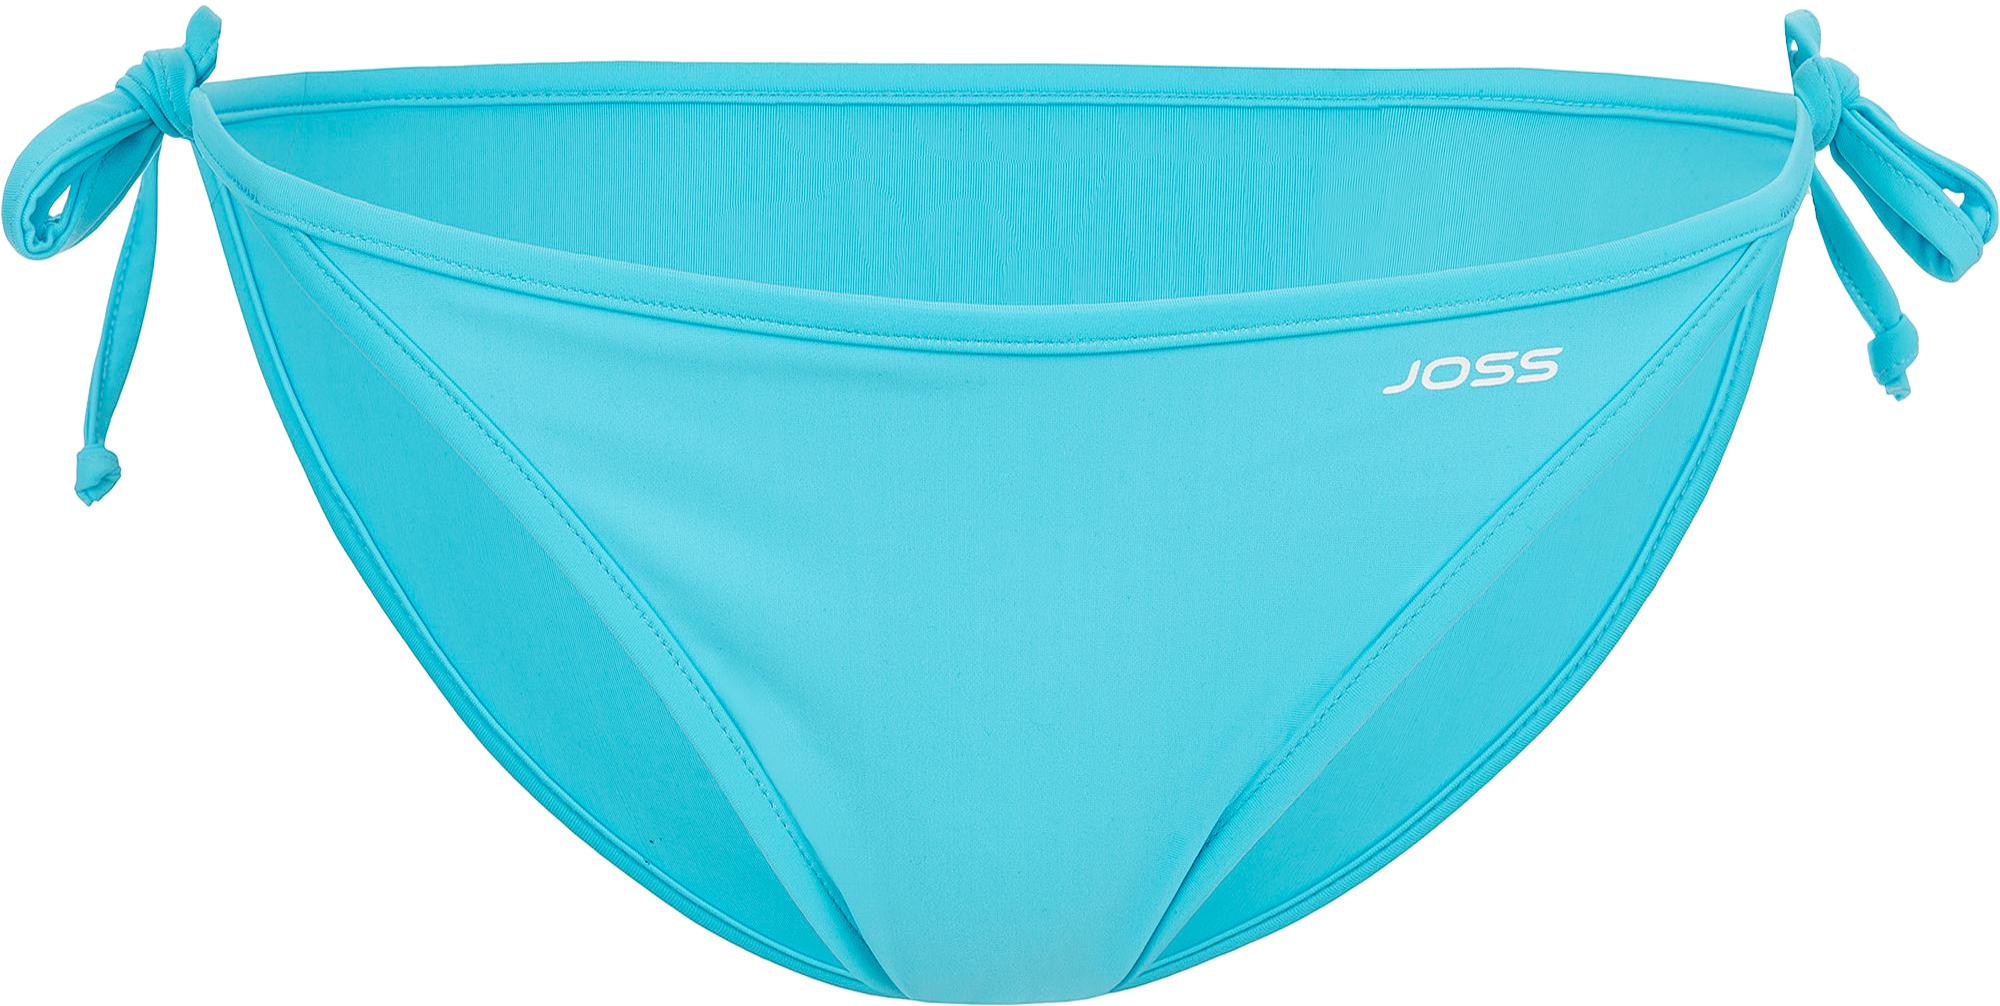 Joss Плавки женские Joss, размер 54